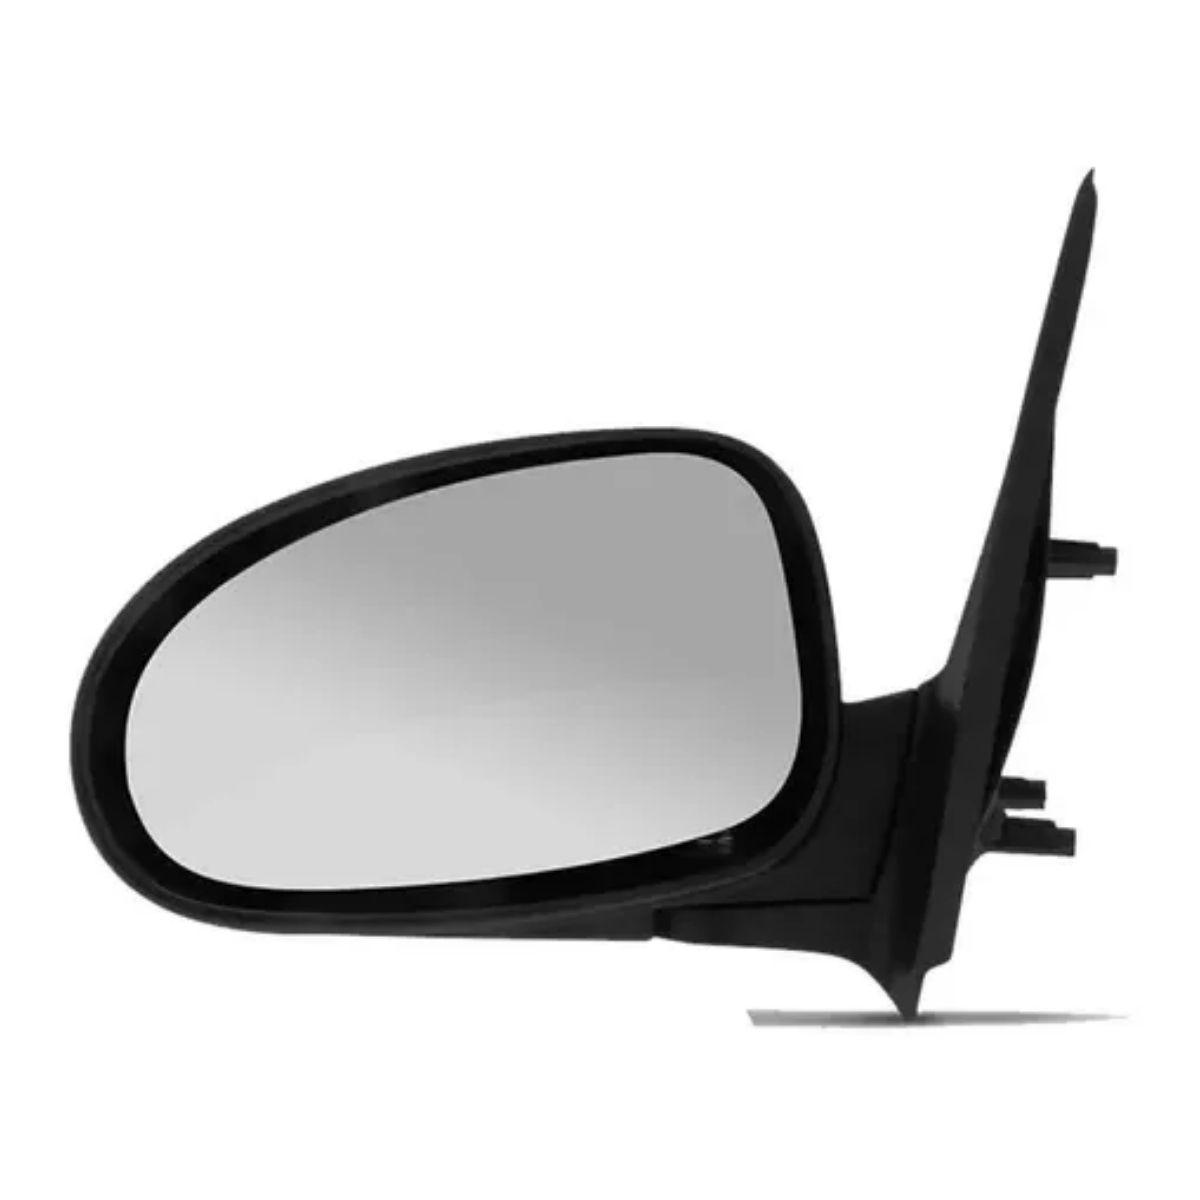 Espelho Esquerdo Gol Parati G2 97/99 (4 Portas) S/ Controle